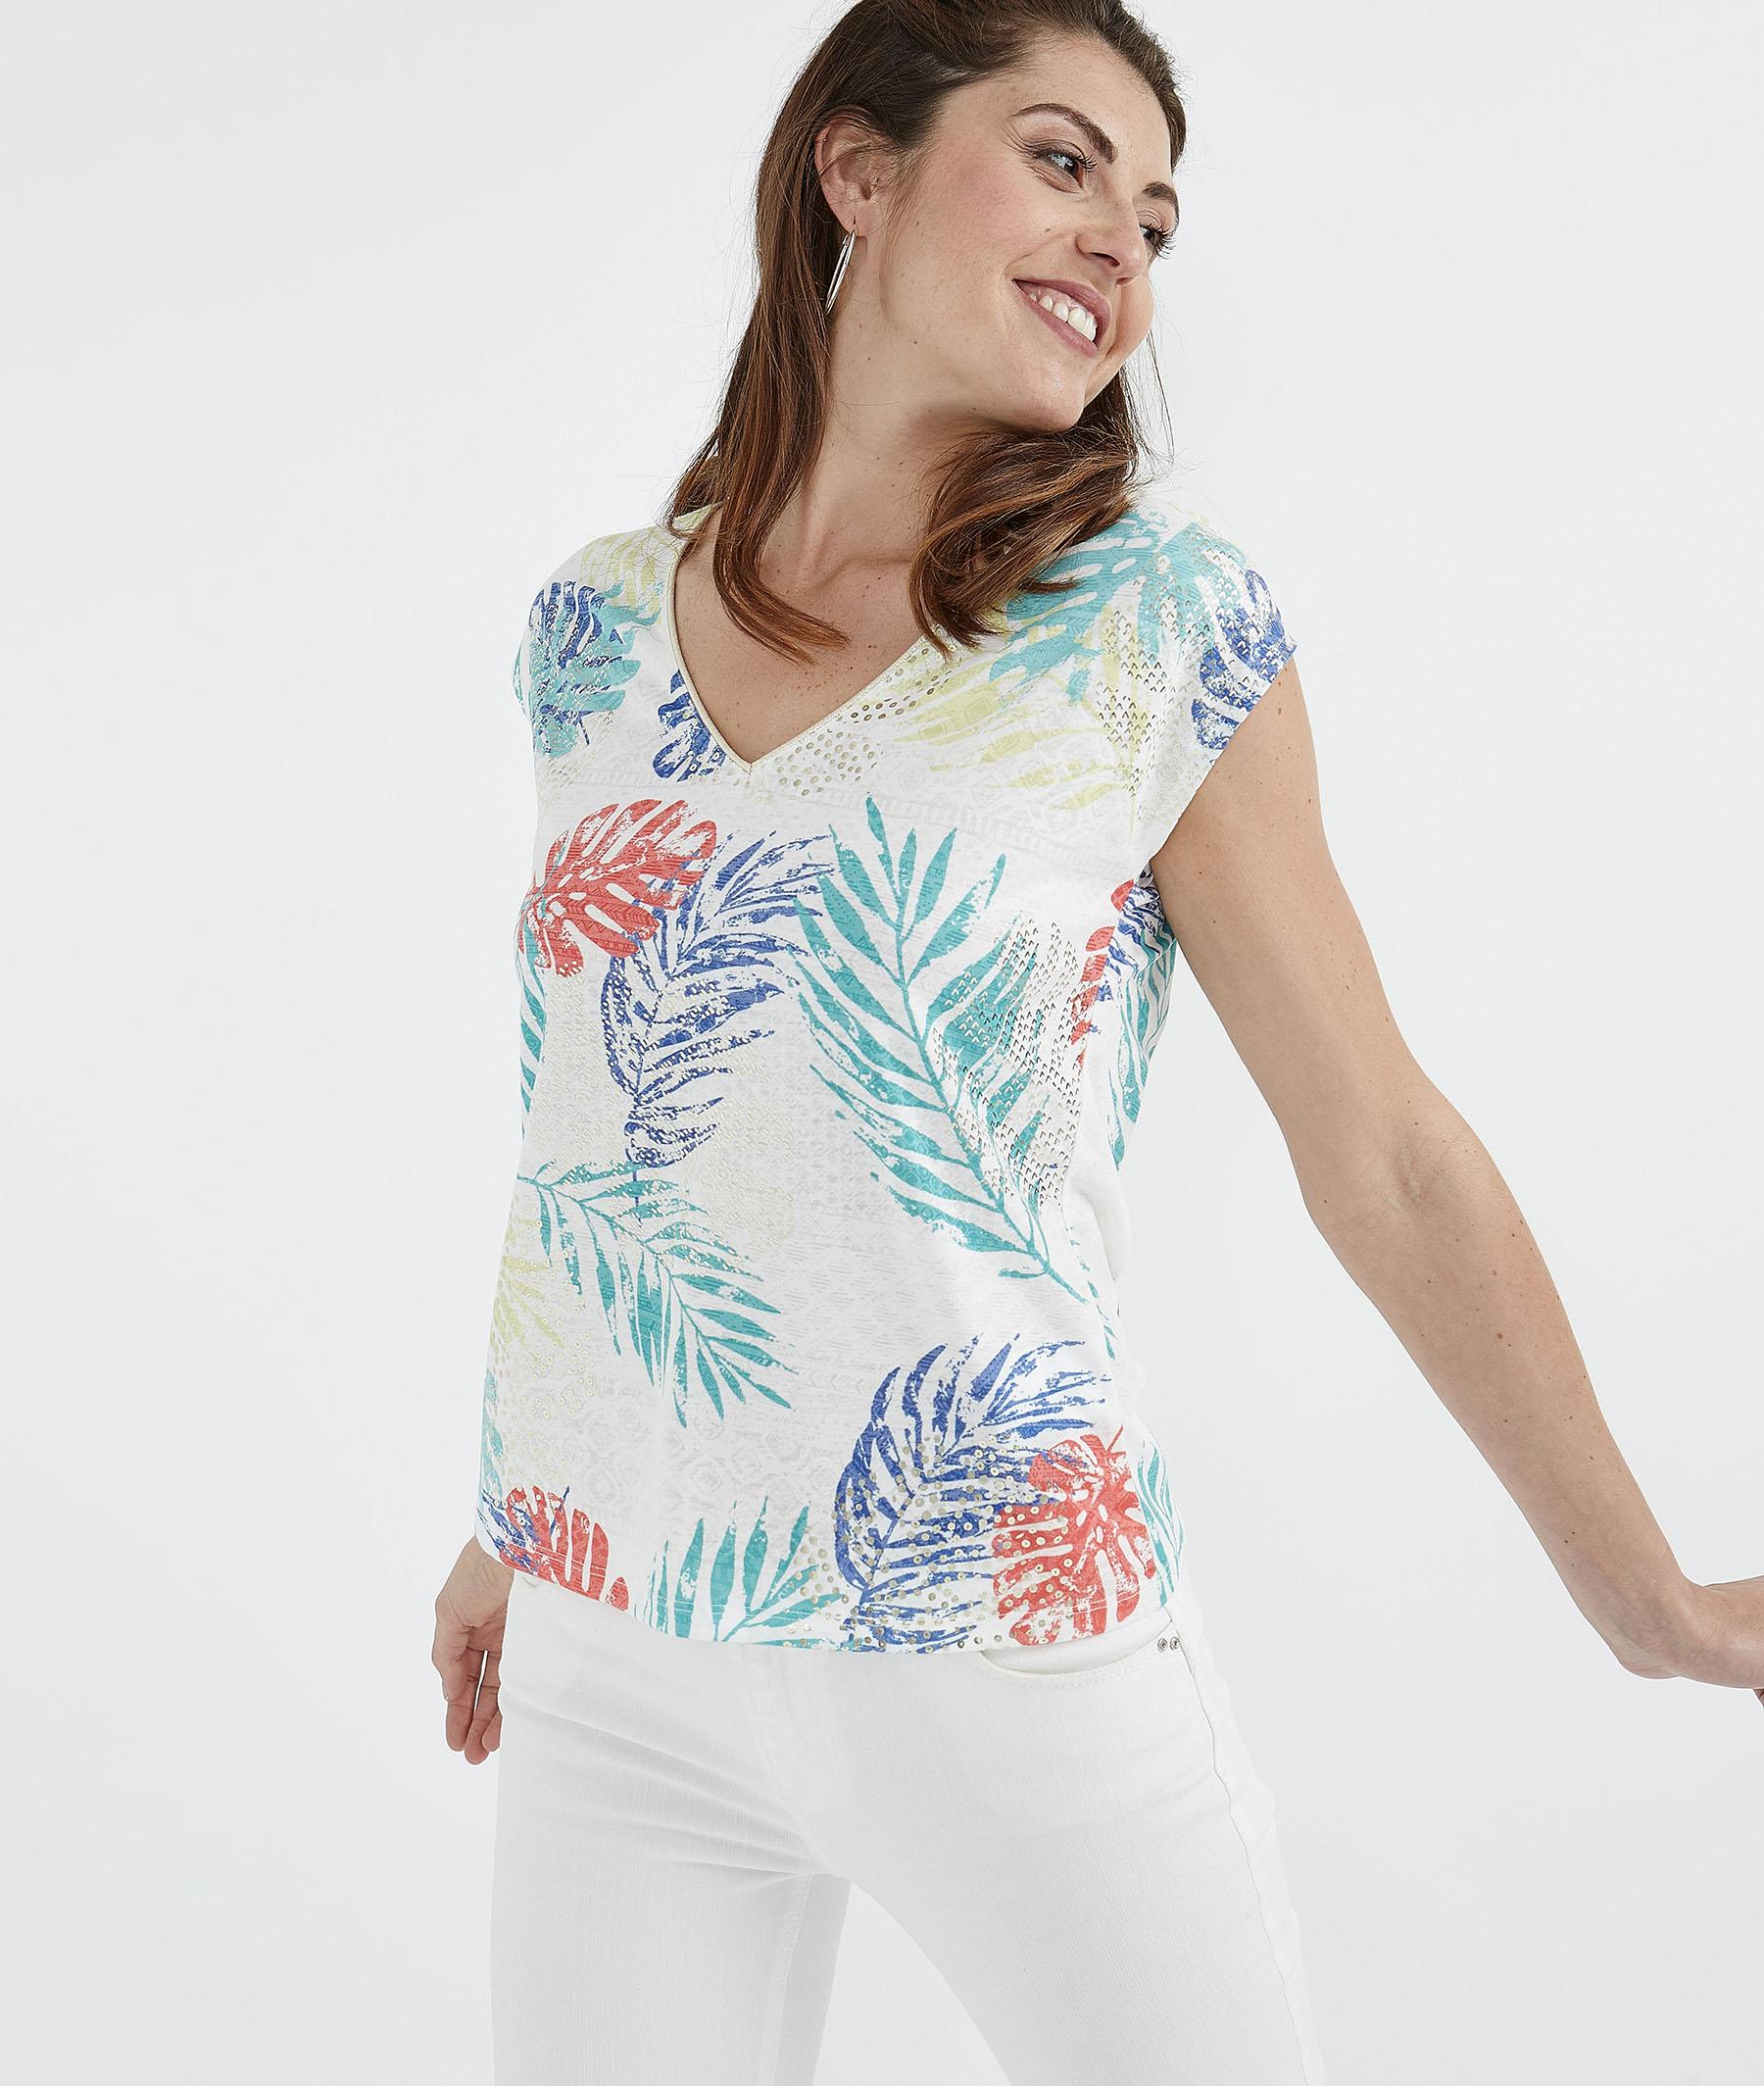 T-shirt femme blanc imprimé feuillages BLANC